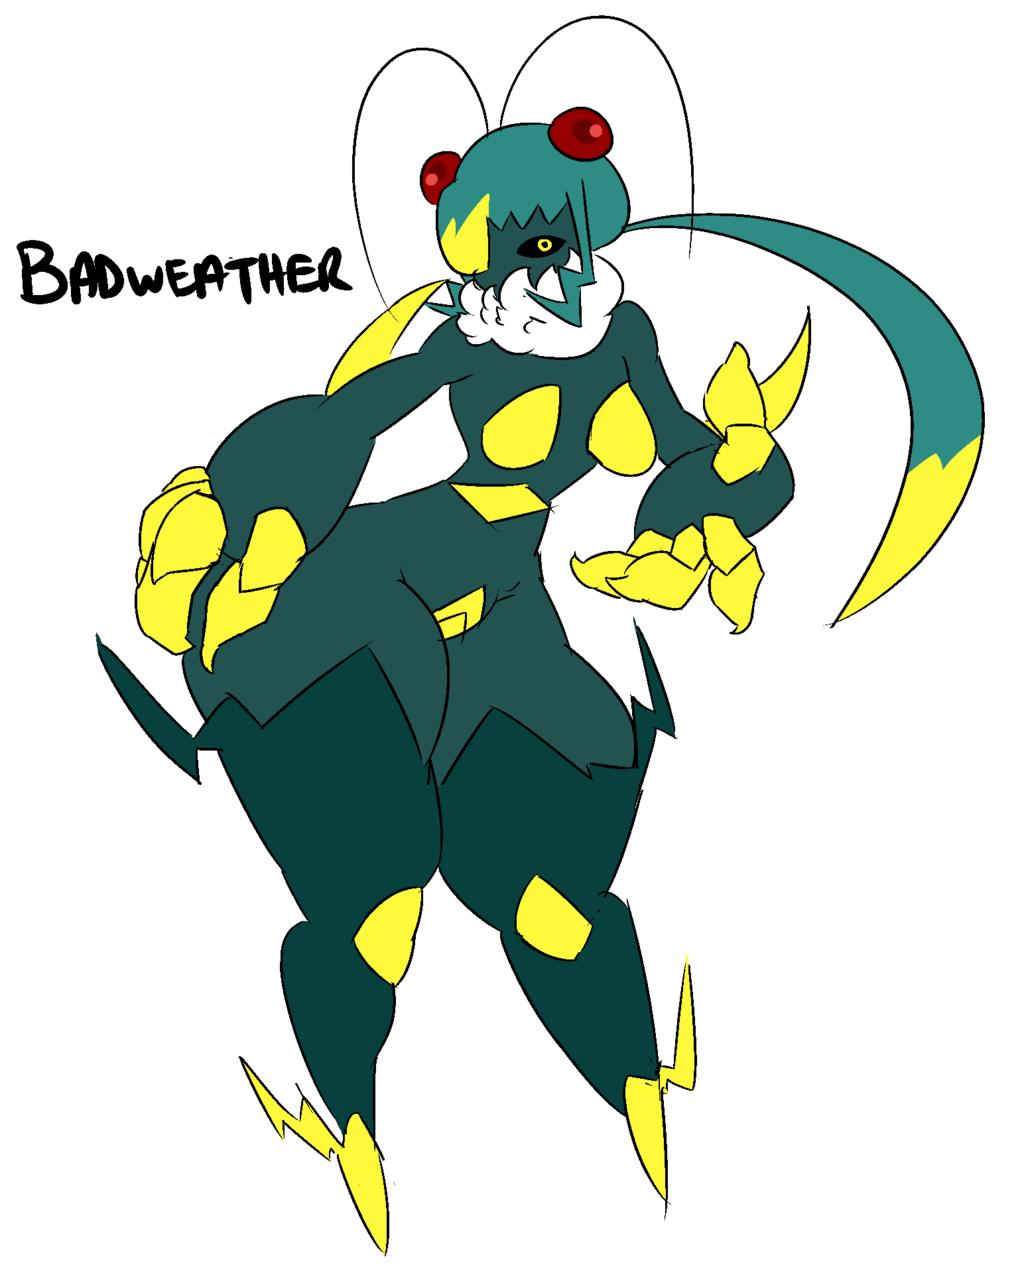 badweather